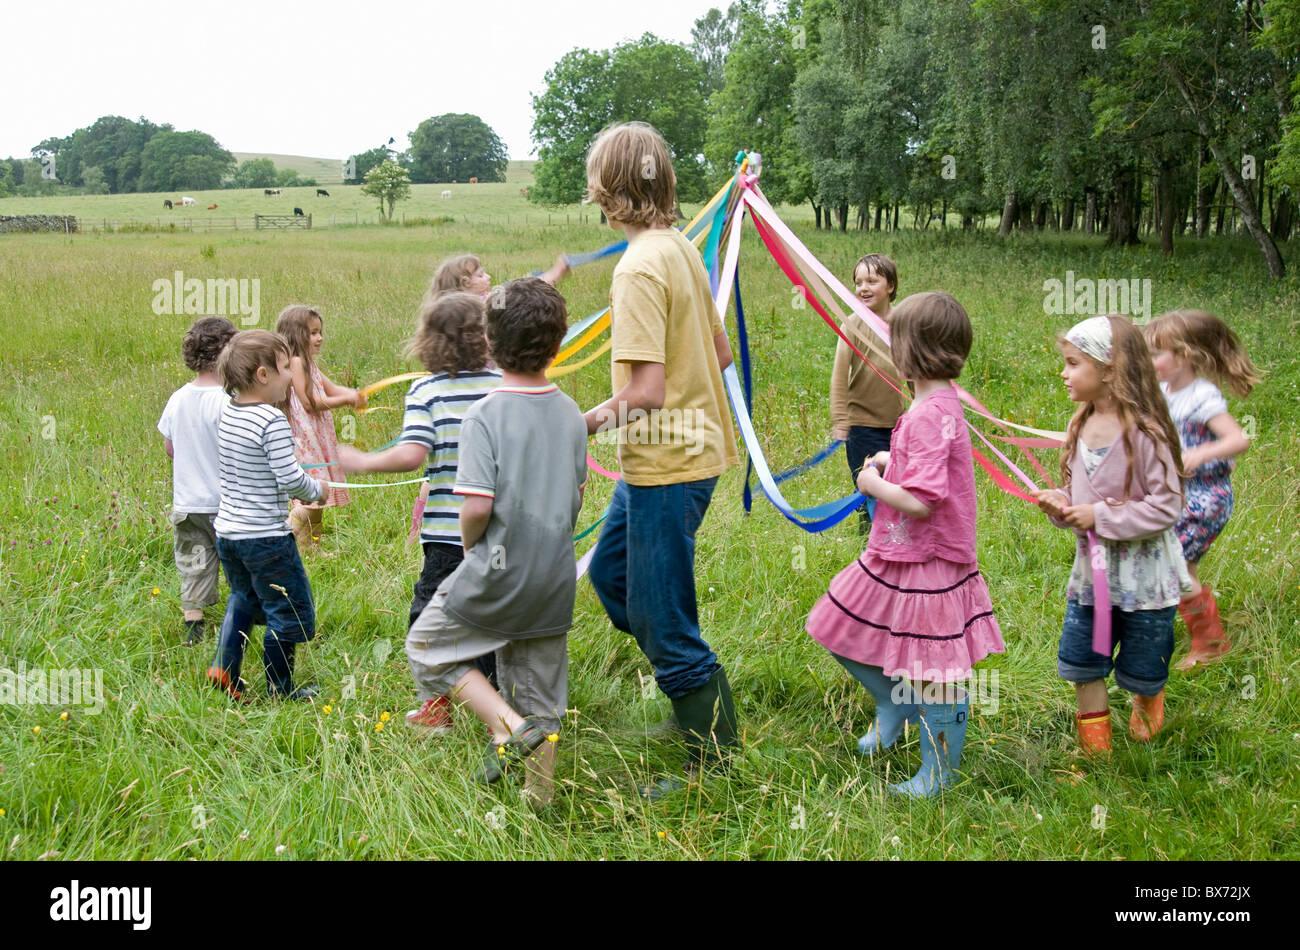 Kinder tanzen um den Maibaum in Wiese Stockbild